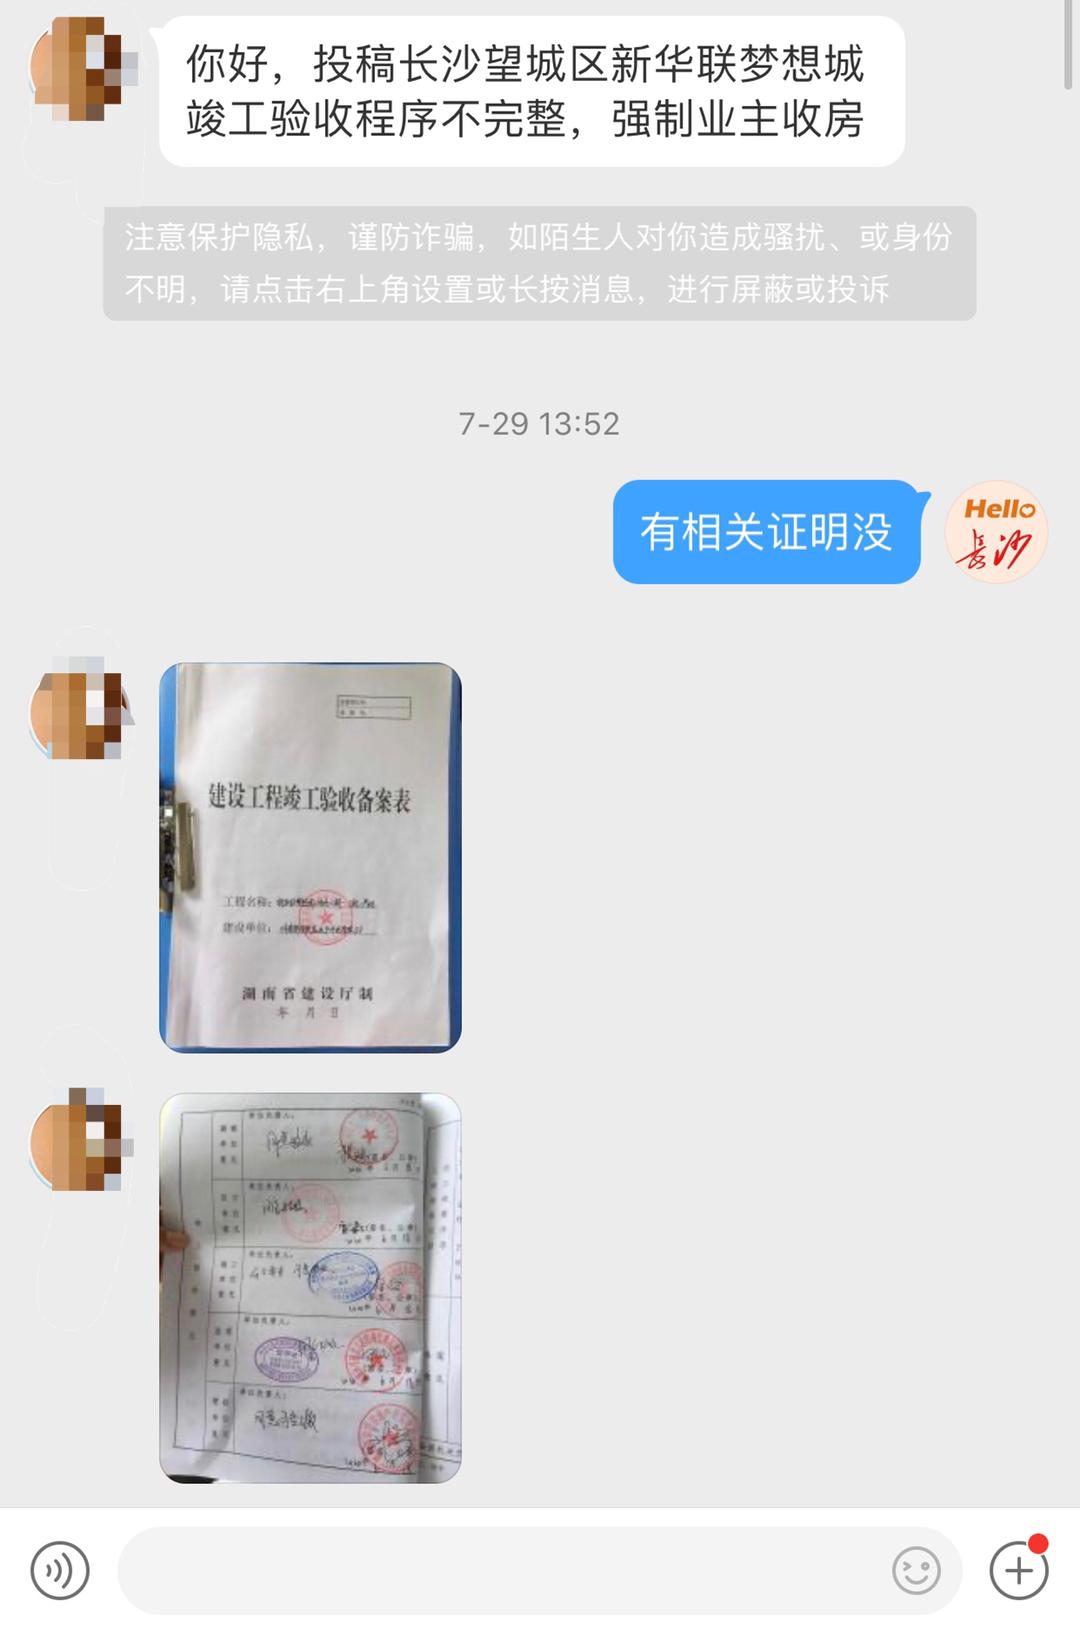 据网友爆料,在长沙新华联梦想城购买的住房,竣工验收不完整